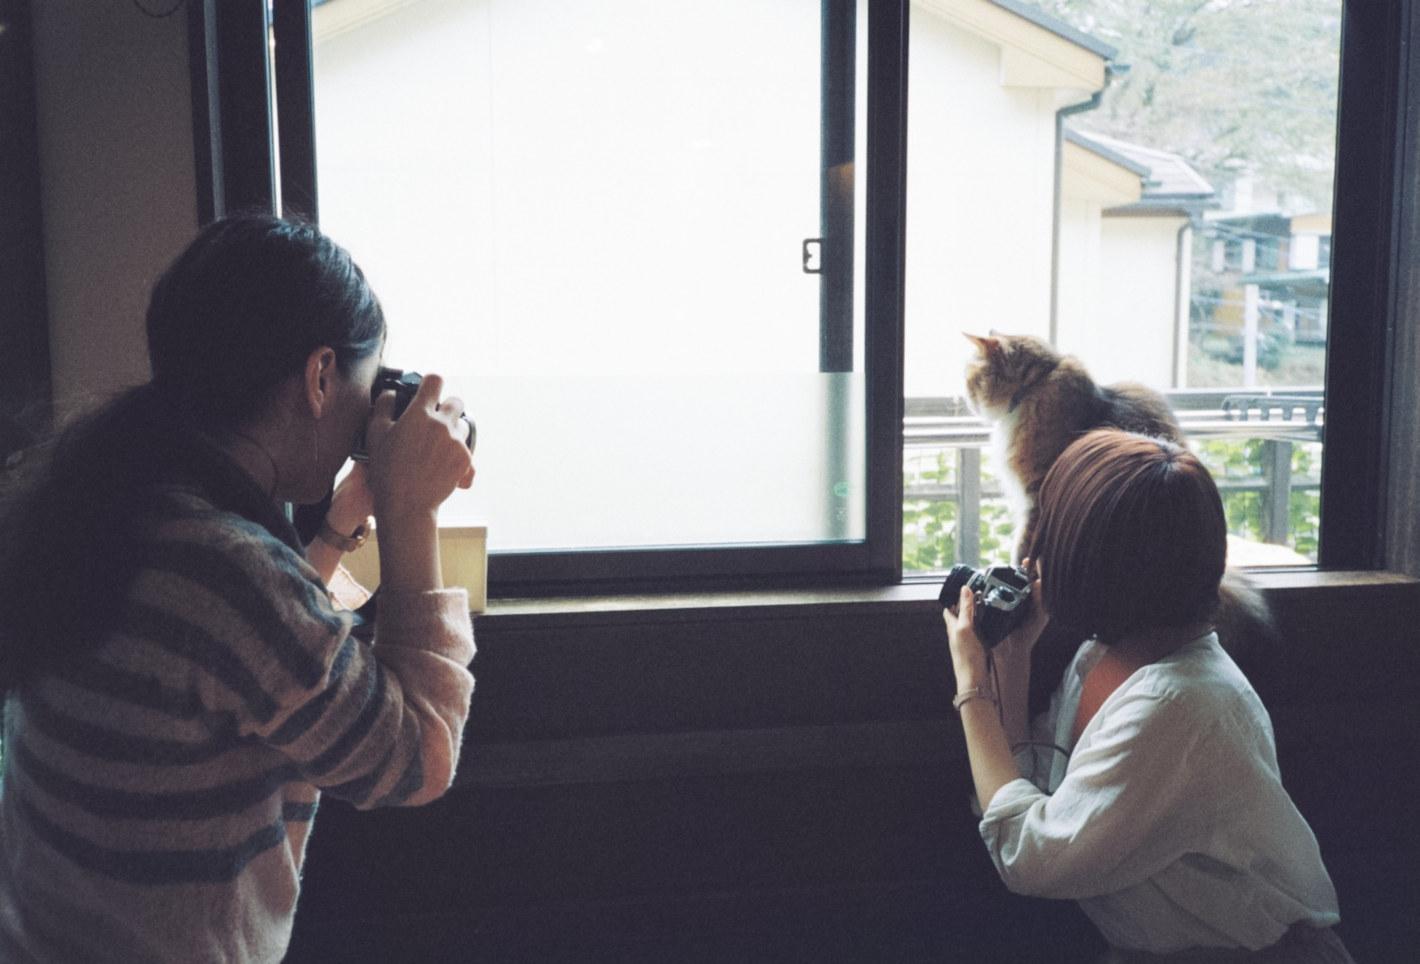 猫カフェではじめてのフィルム撮影 - 古民家風の保護猫カフェ「鎌倉ねこの間」